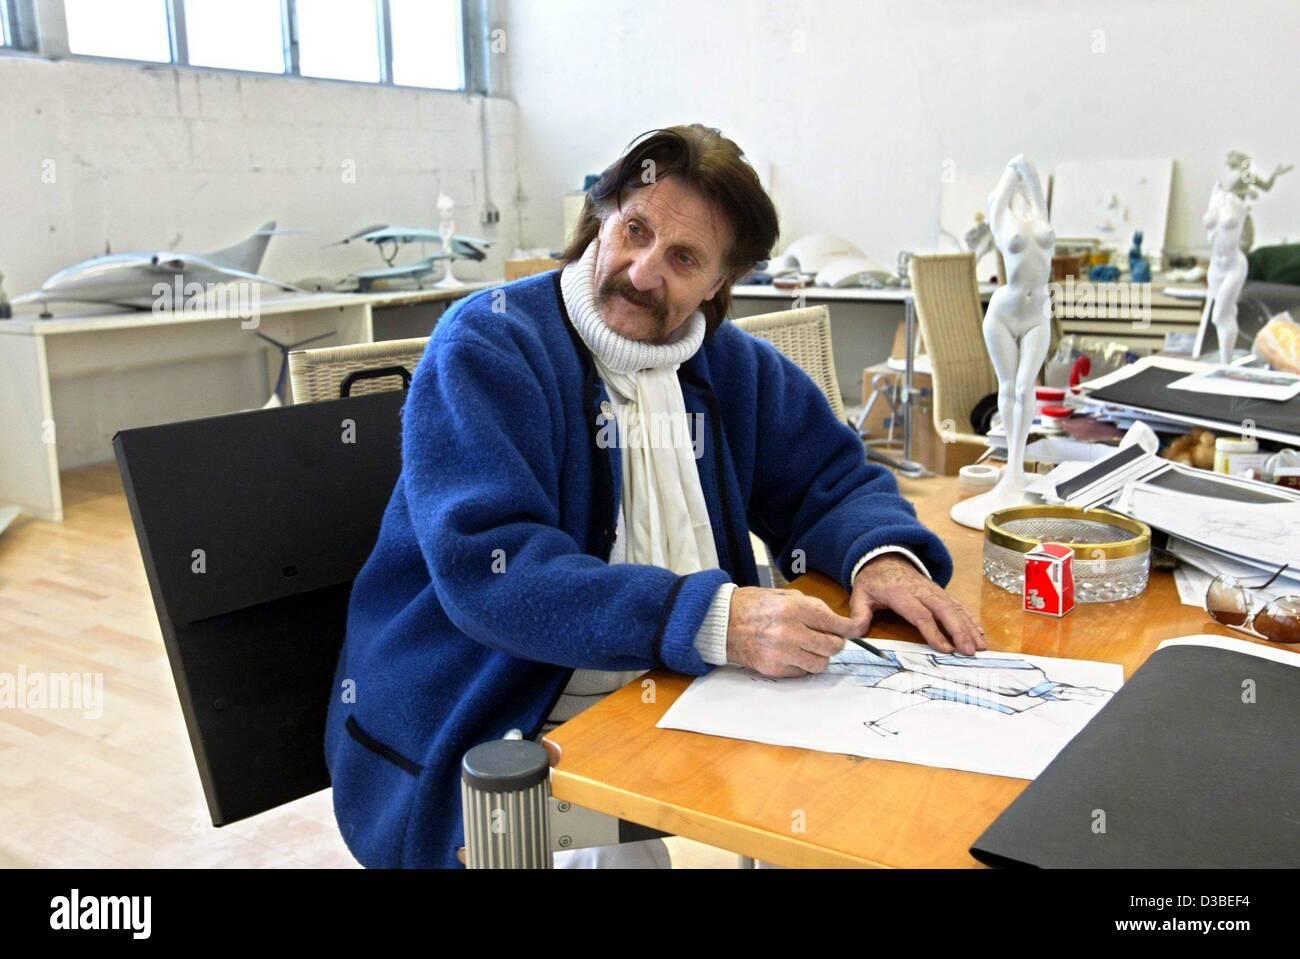 (Dpa) - Diseñador Industrial Luigi Colani es en su taller de dibujo en Karlsruhe, Alemania, 13 de enero de Imagen De Stock